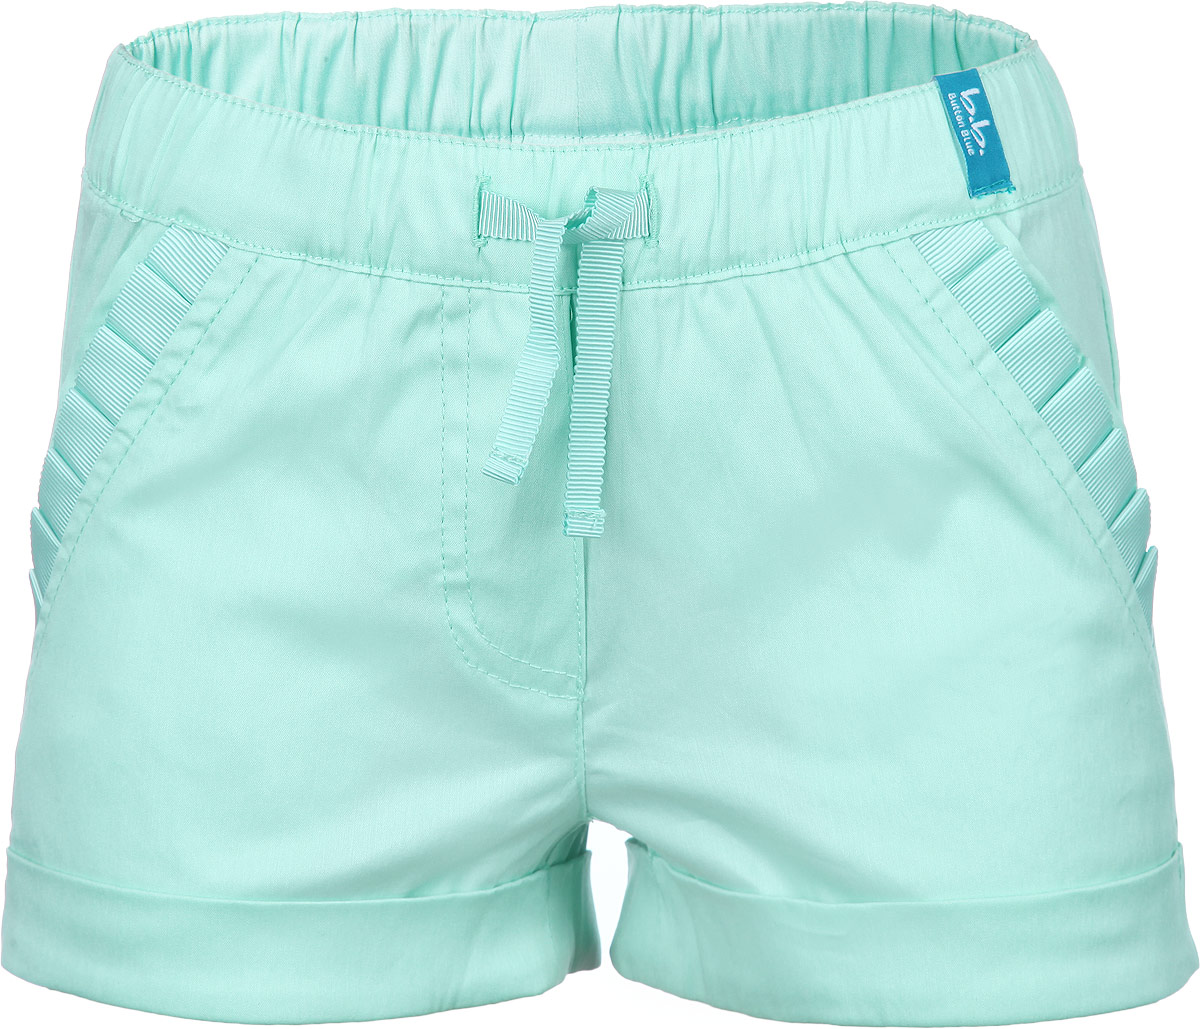 Шорты для девочки Button Blue, цвет: светло-зеленый. 116BBGM6001. Размер 104, 4 года116BBGM6001Стильные шорты для девочки Button Blue идеально подойдут вашему ребенку и станут отличным дополнением к детскому гардеробу. Шорты выполнены из эластичного хлопка с добавлением нейлона, мягкие и приятные на ощупь, не сковывают движения и позволяют коже дышать, обеспечивая наибольший комфорт. Шорты на талии имеют широкую эластичную резинку с внутренним затягивающимся шнурком, благодаря чему они не сдавливают животик ребенка и не сползают. Спереди расположены два втачных кармана, украшенных оборкой. Снизу модель дополнена декоративными отворотами. В таких шортах ваша маленькая модница будет чувствовать себя комфортно, уютно и всегда будет в центре внимания!